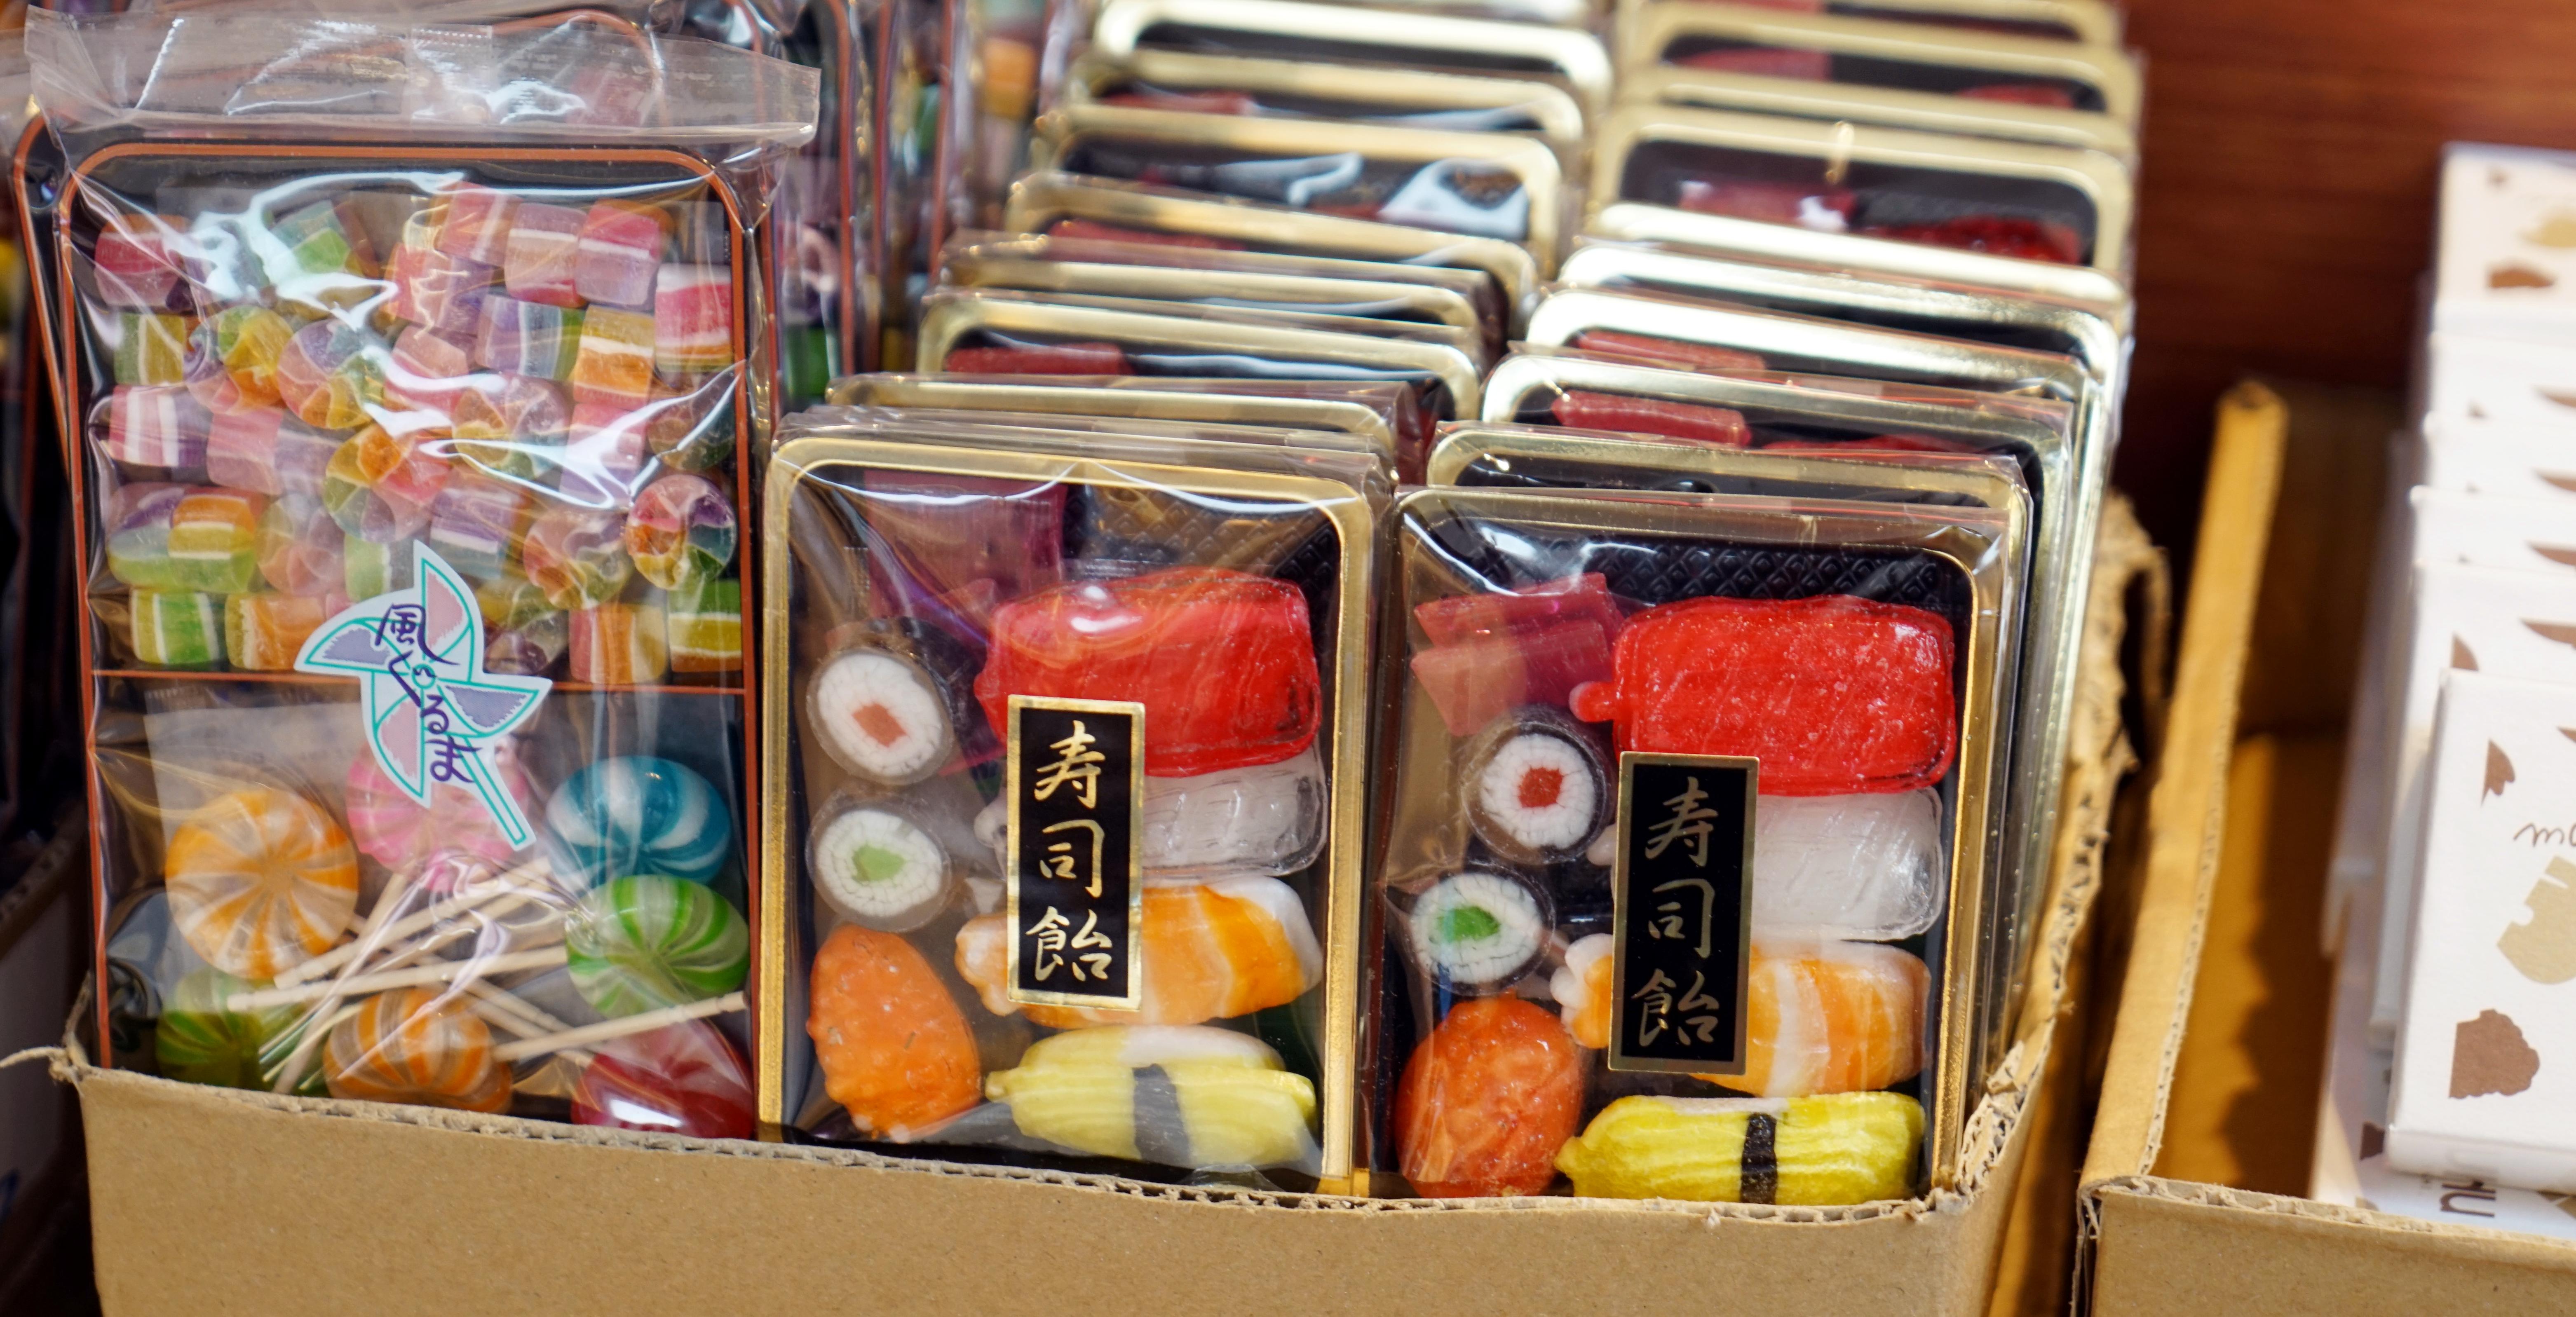 京都三照庵 和菓子 (各口味) (100g - 110g)特價 $38